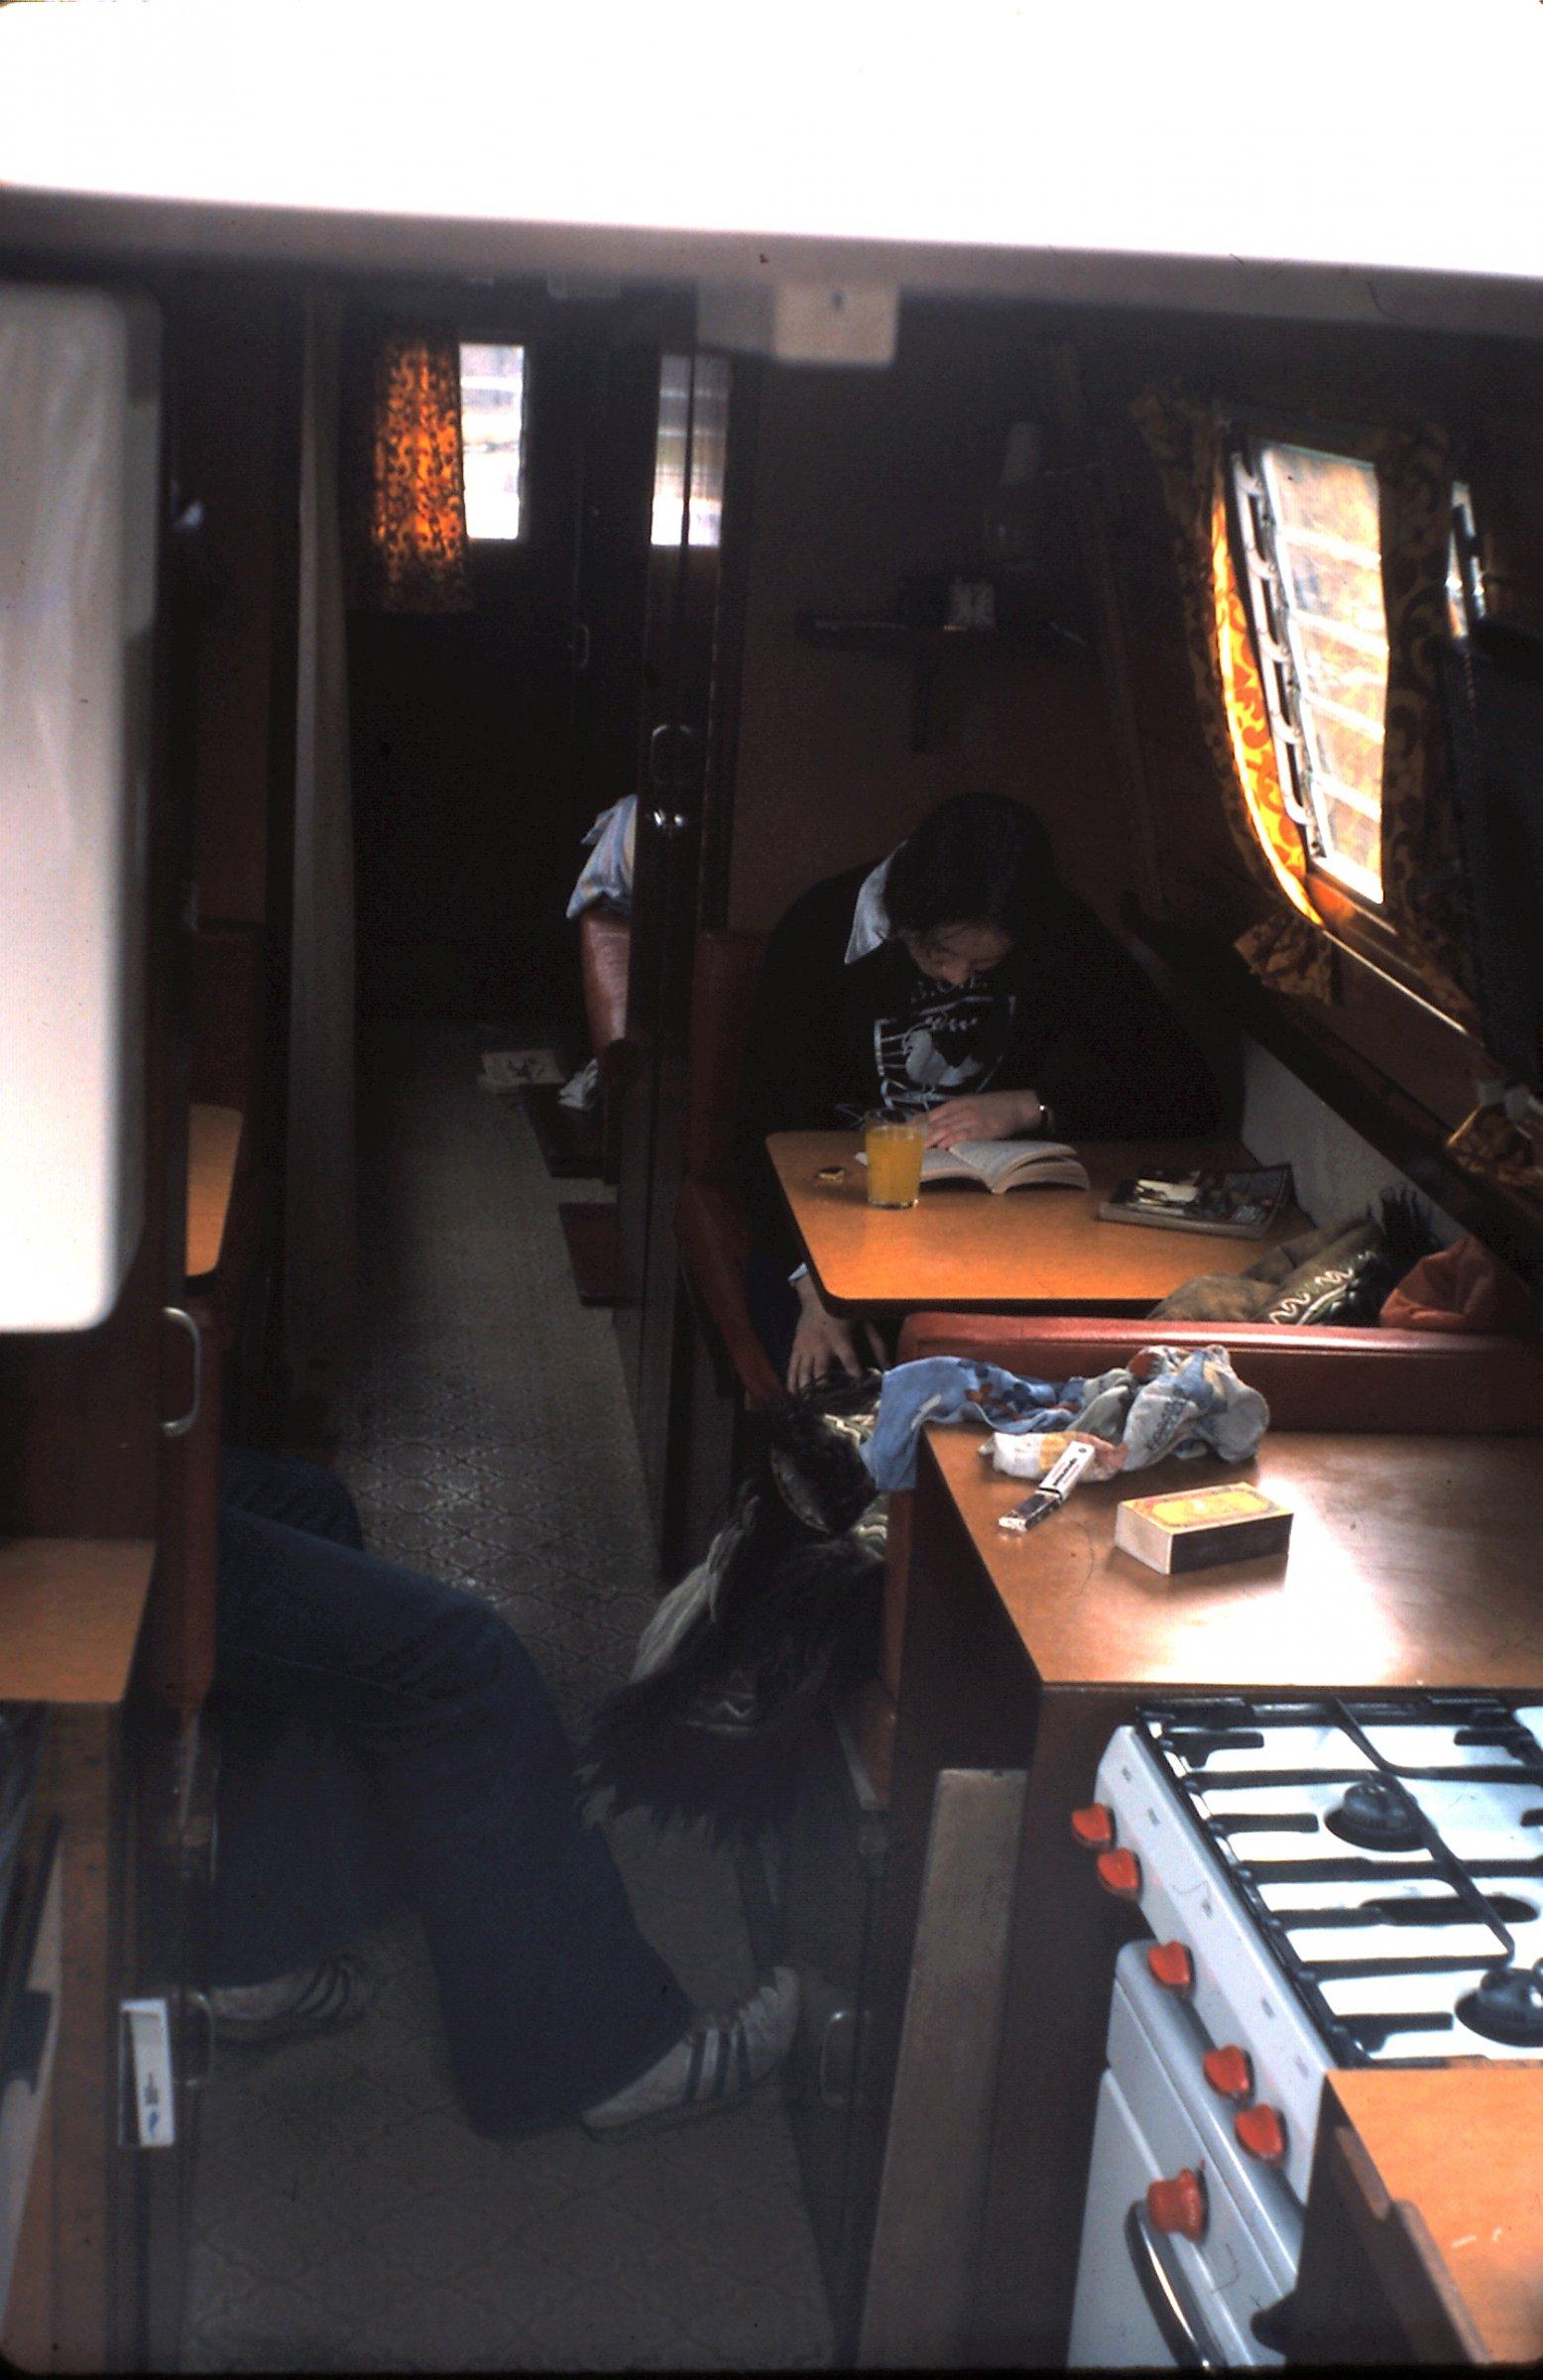 9-21-2010_004-1.JPG